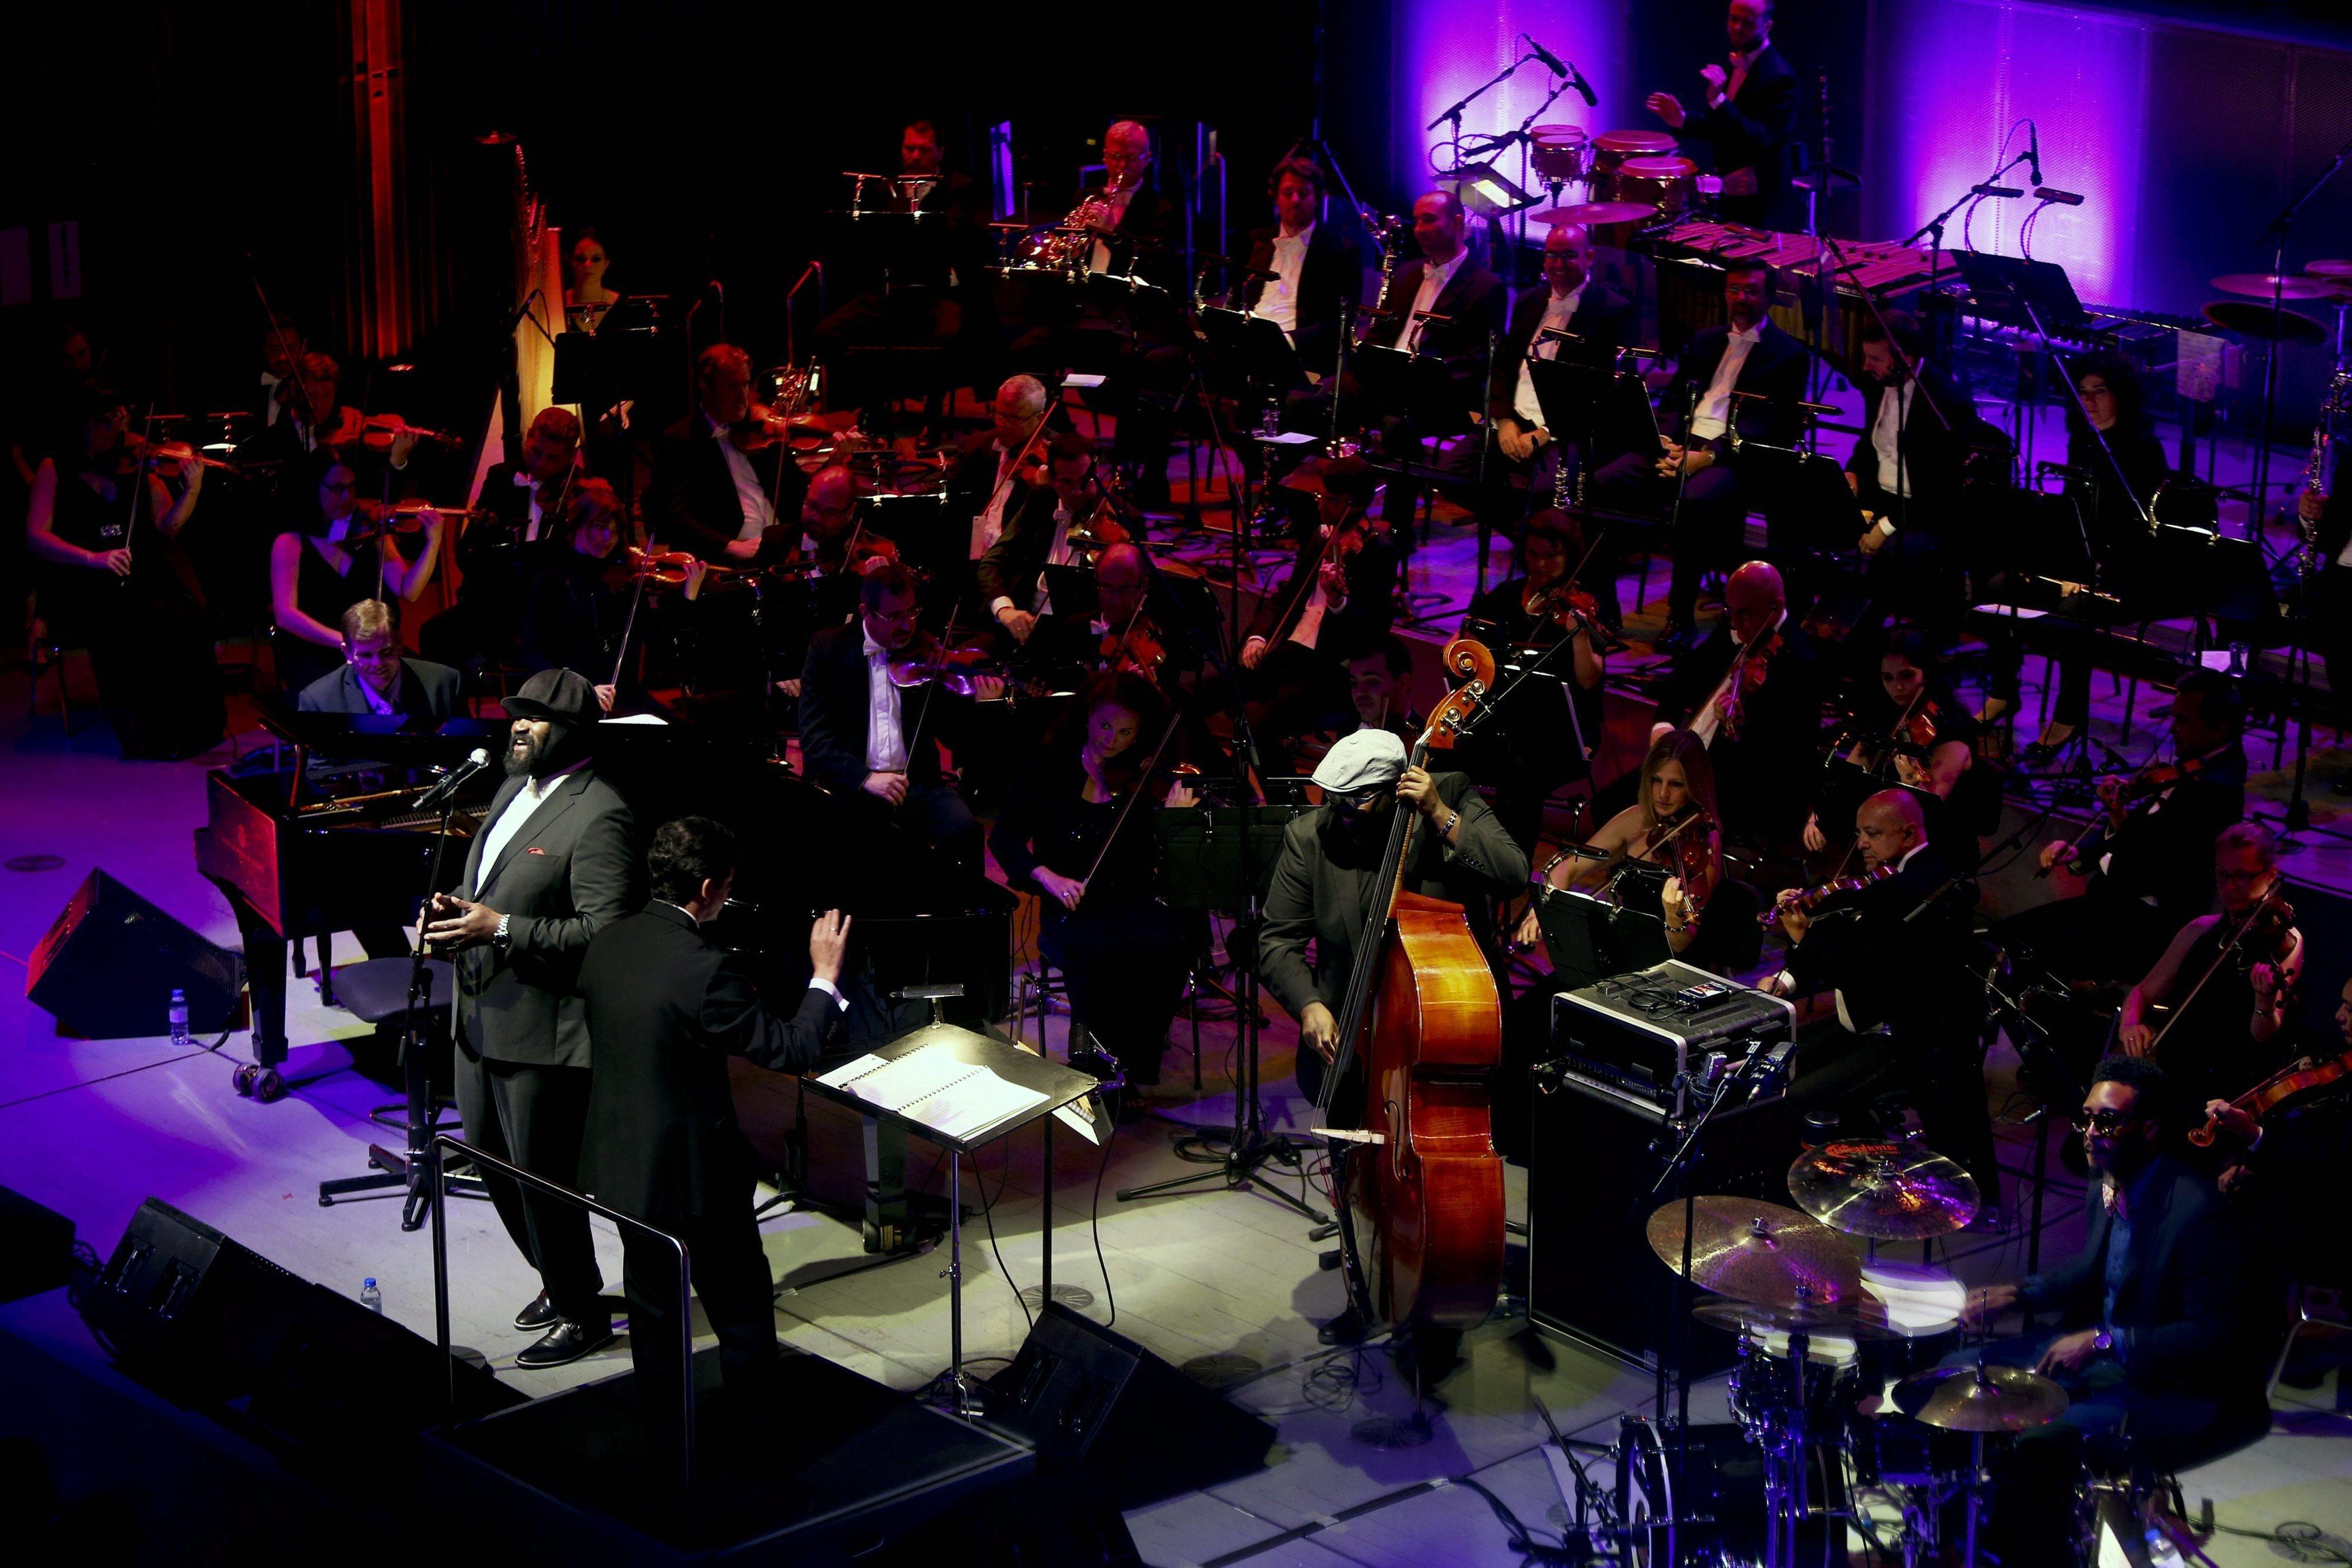 Stefan Blunier vai ser maestro da Sinfónica do Porto a partir de janeiro de 2021